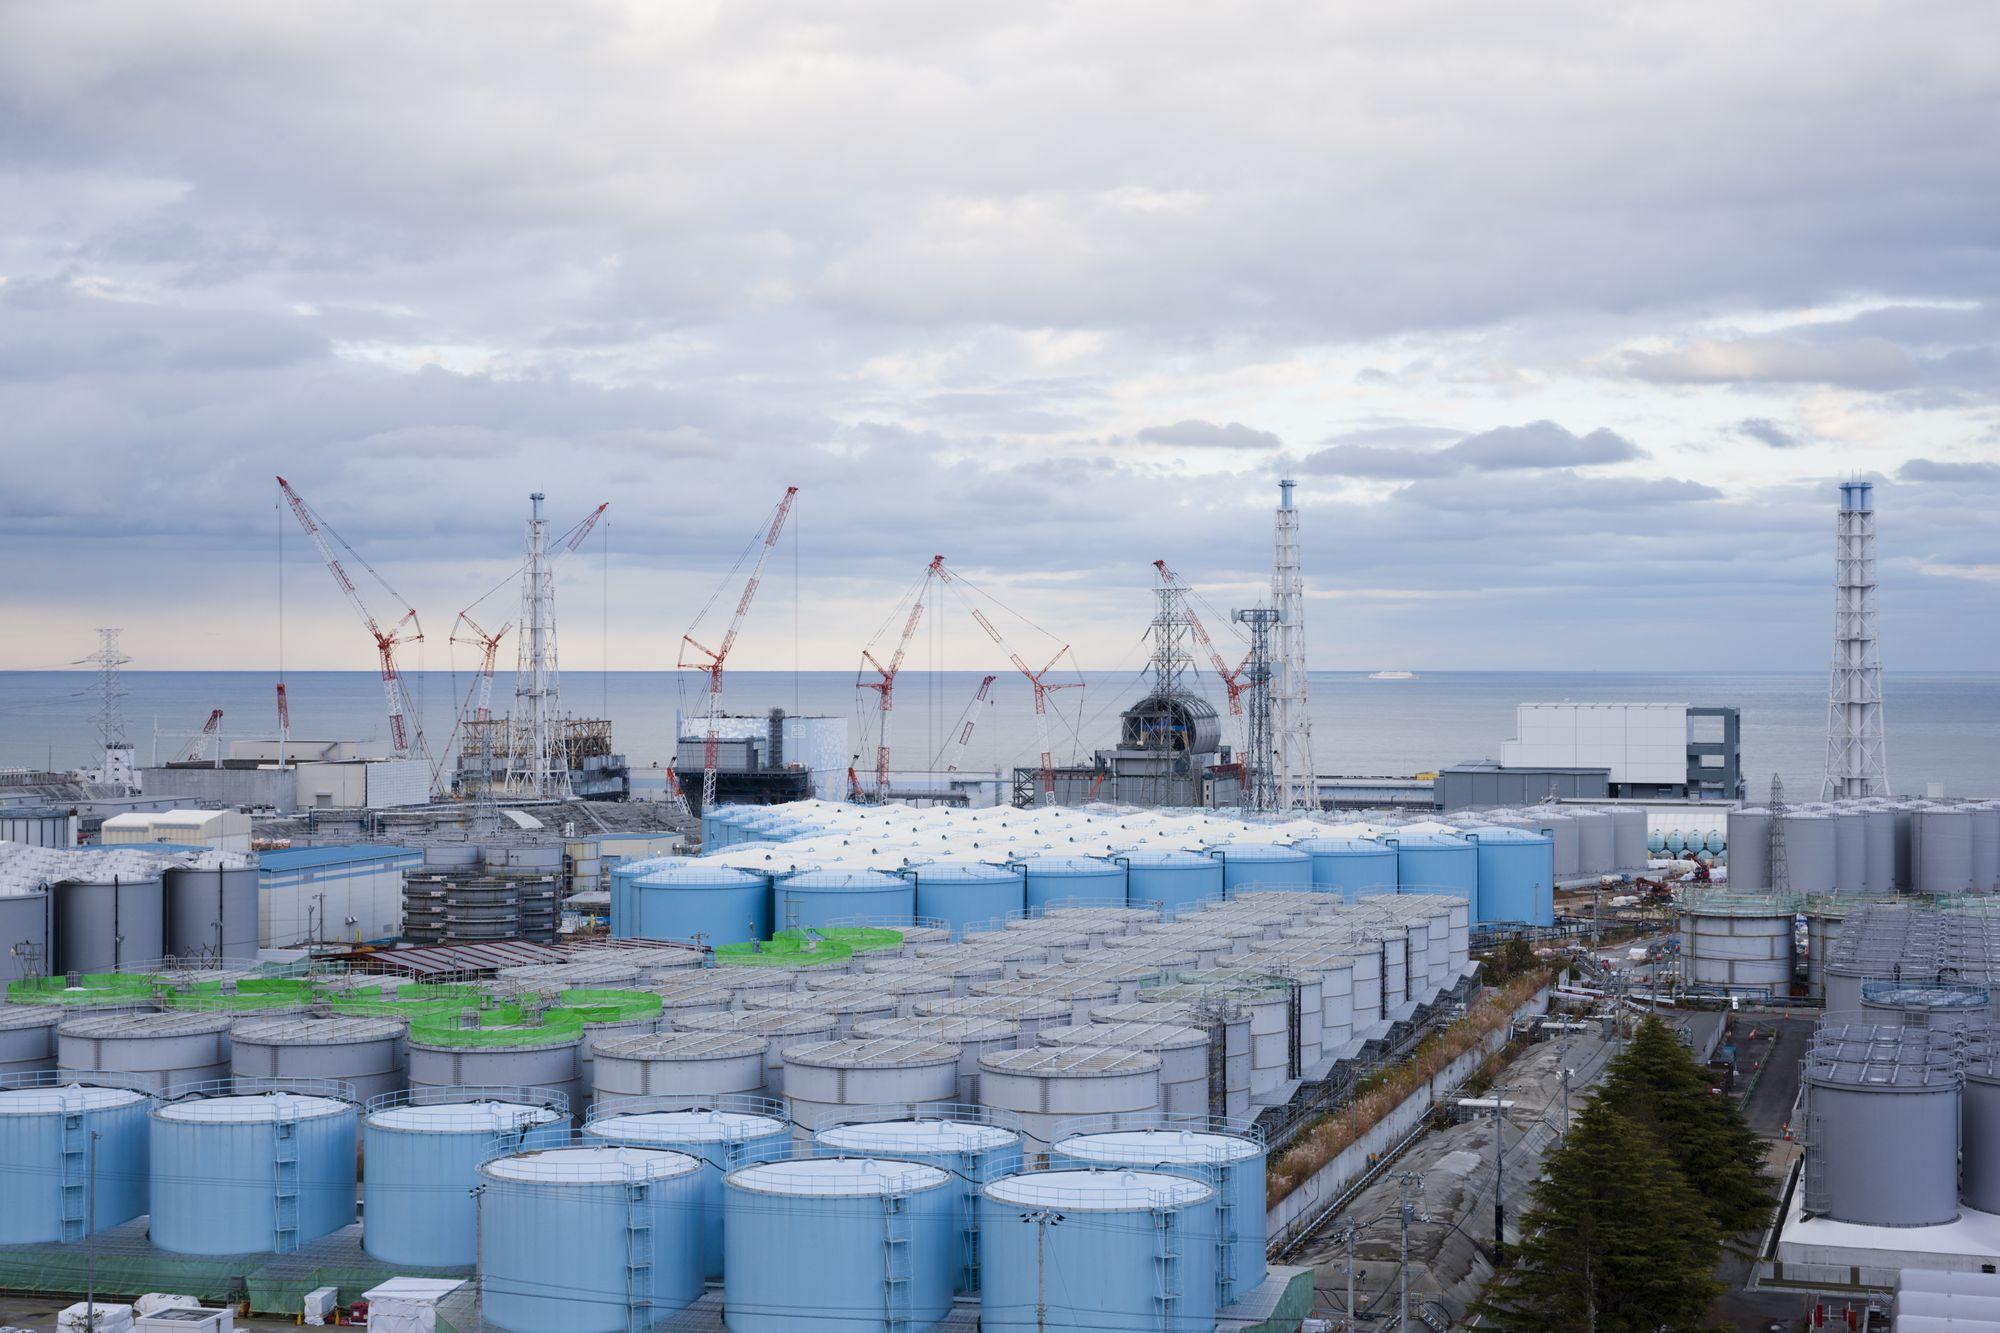 福島第一原子力発電所 汚染水 タンク